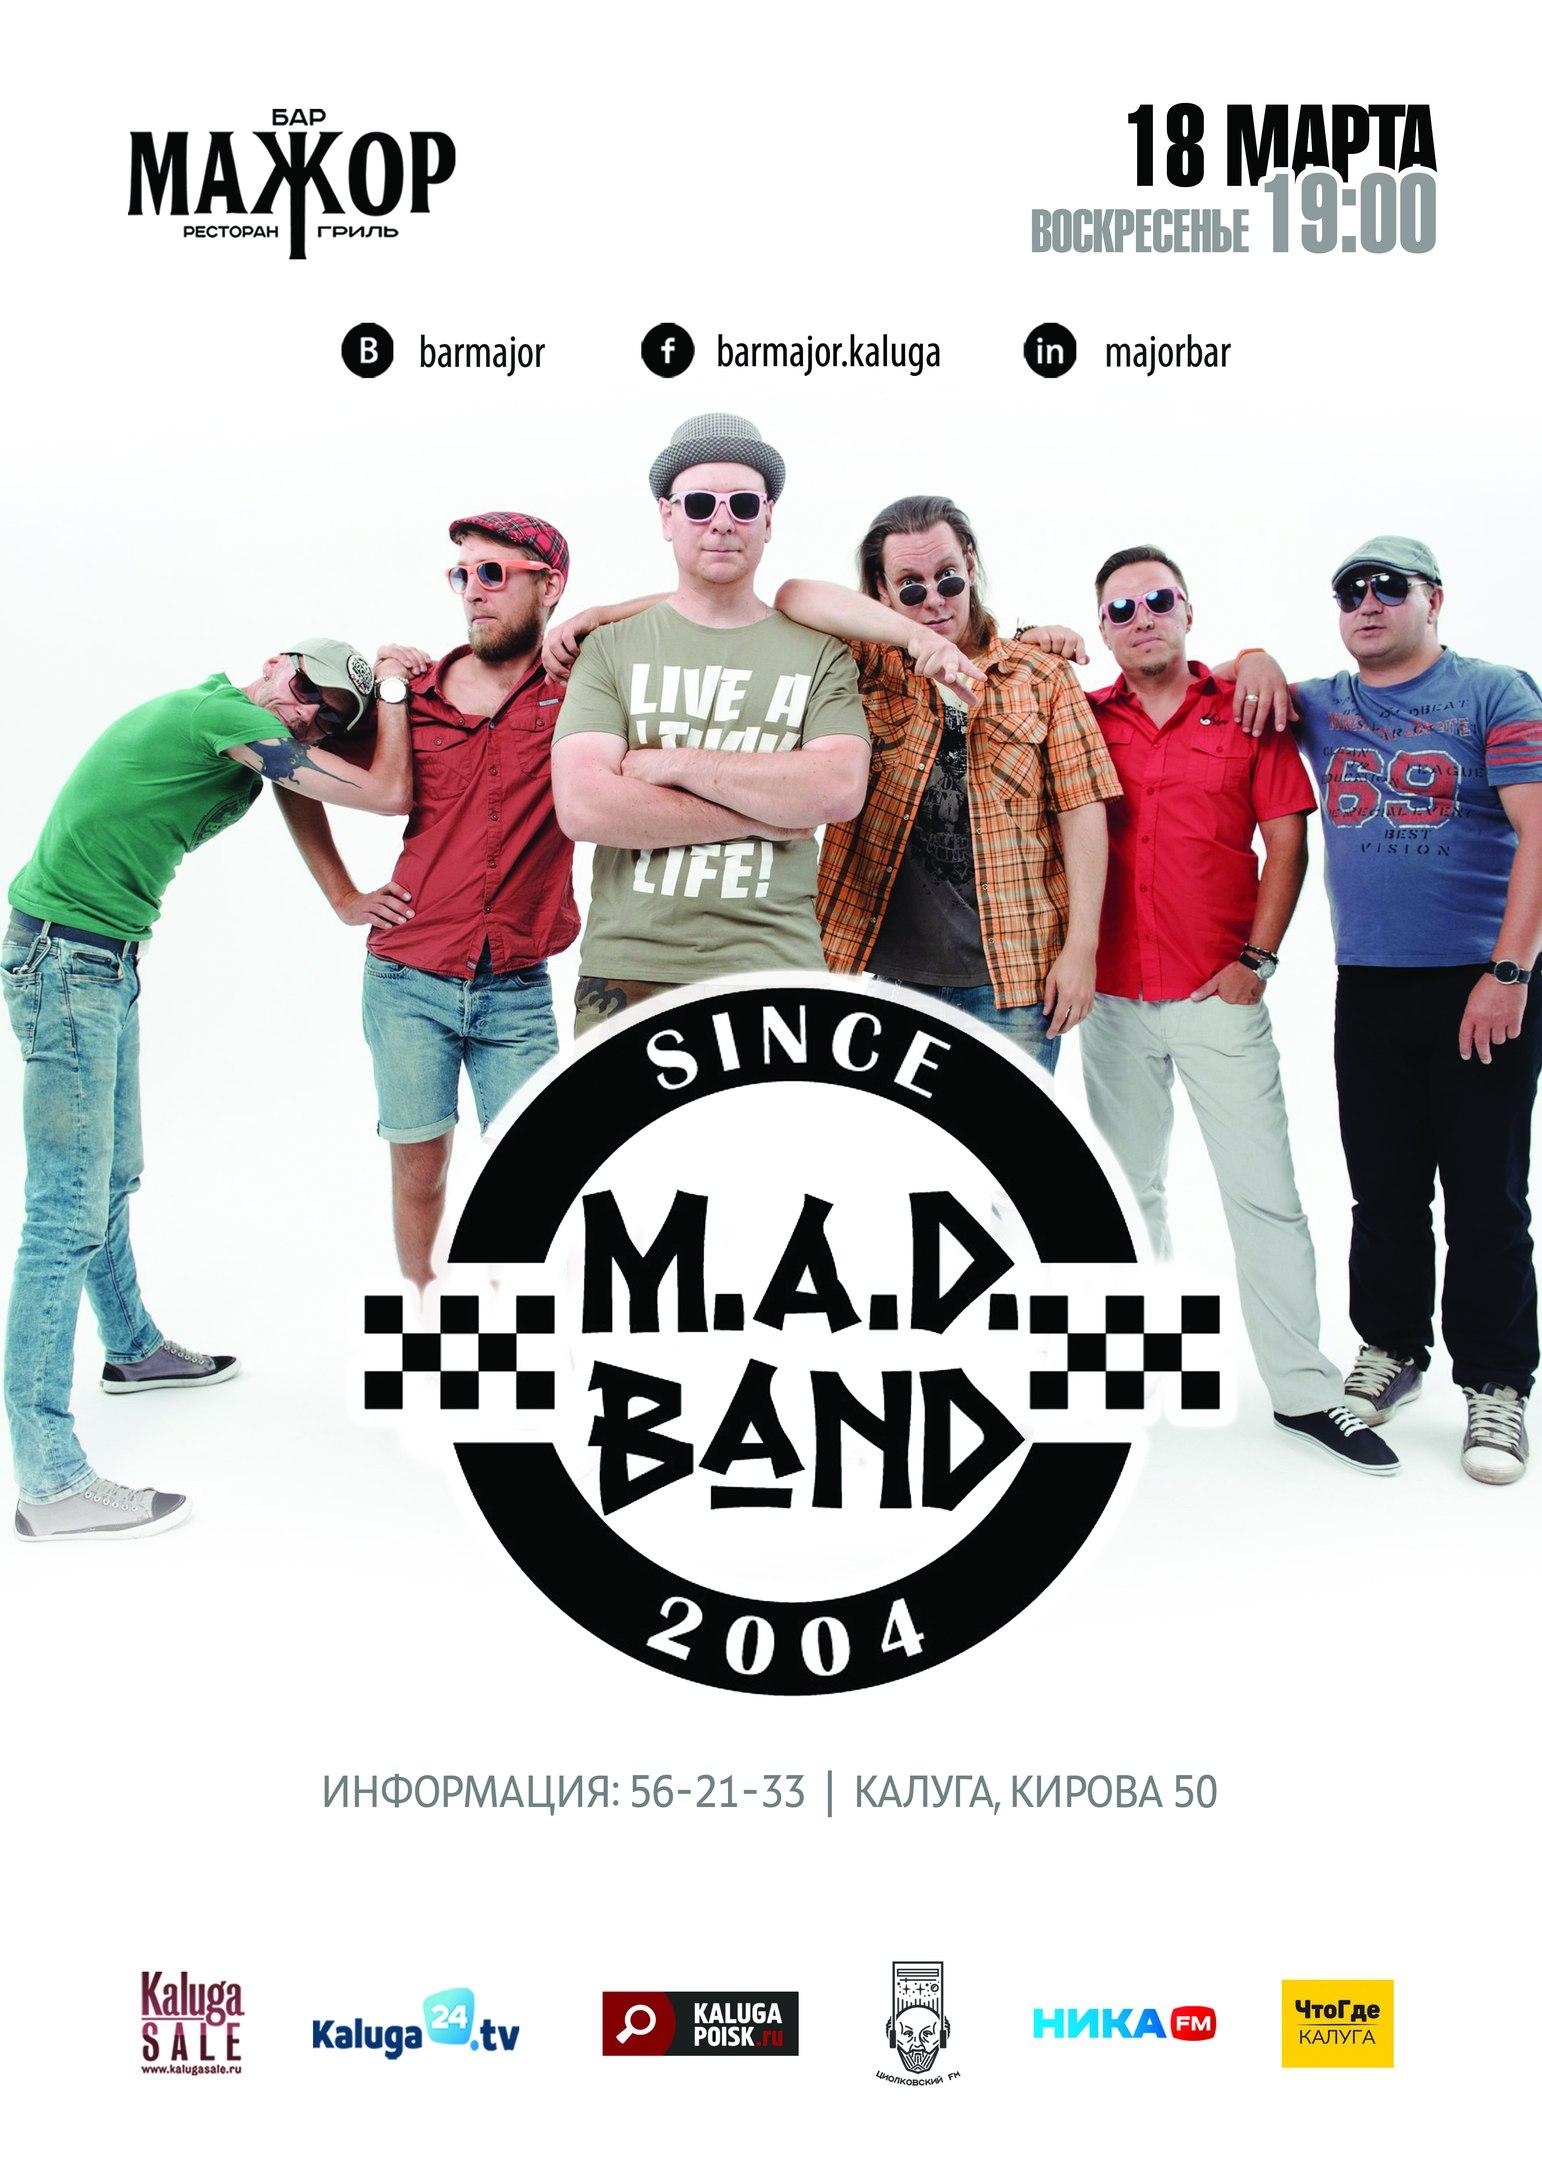 Концерт ска-панк-оркестра M.A.D. Band в баре «Мажор»